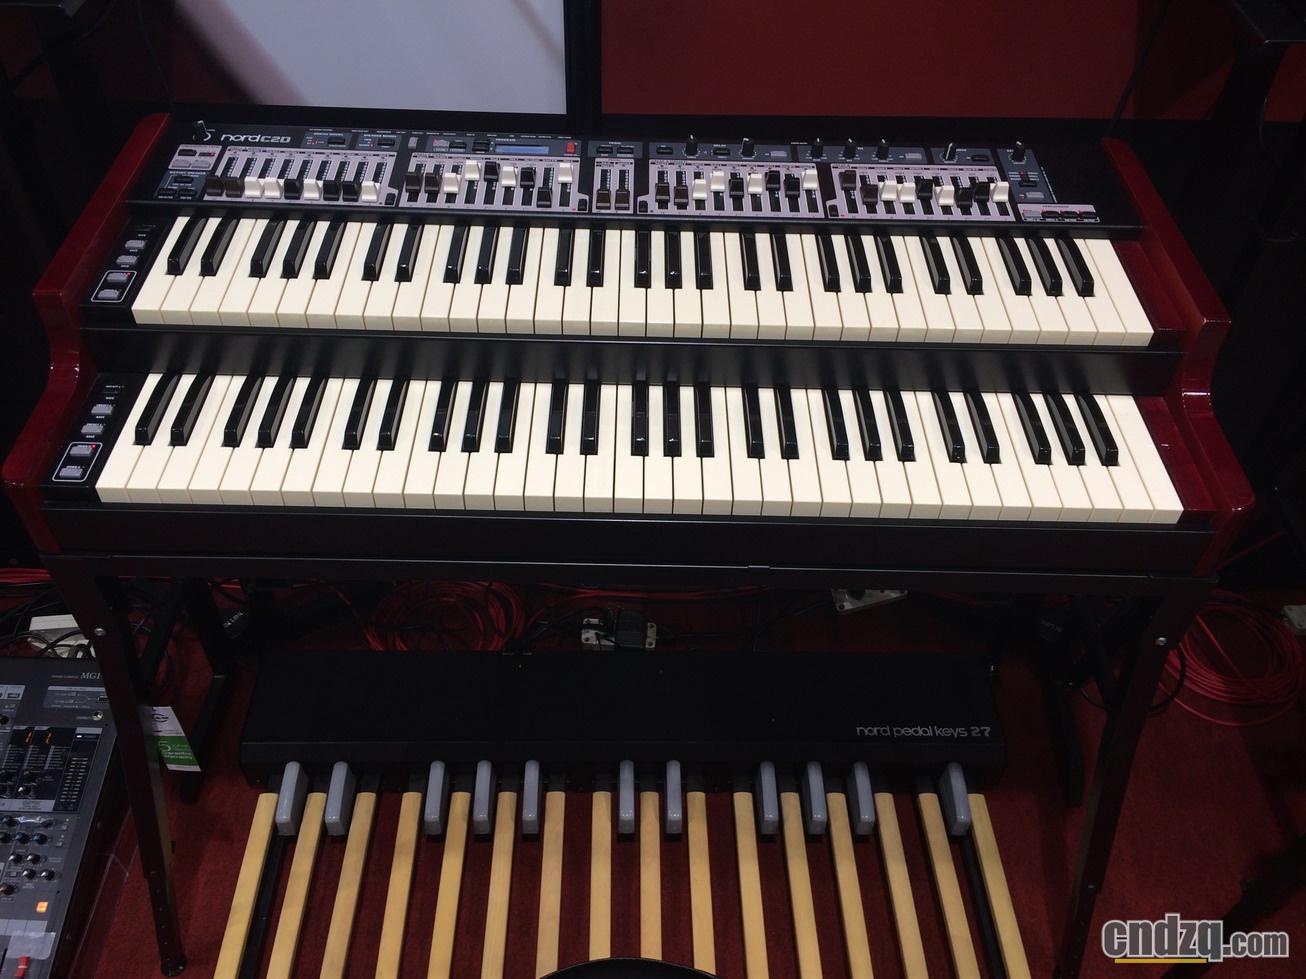 双排键/电子管风琴产品报道:elc-02实物展出图片